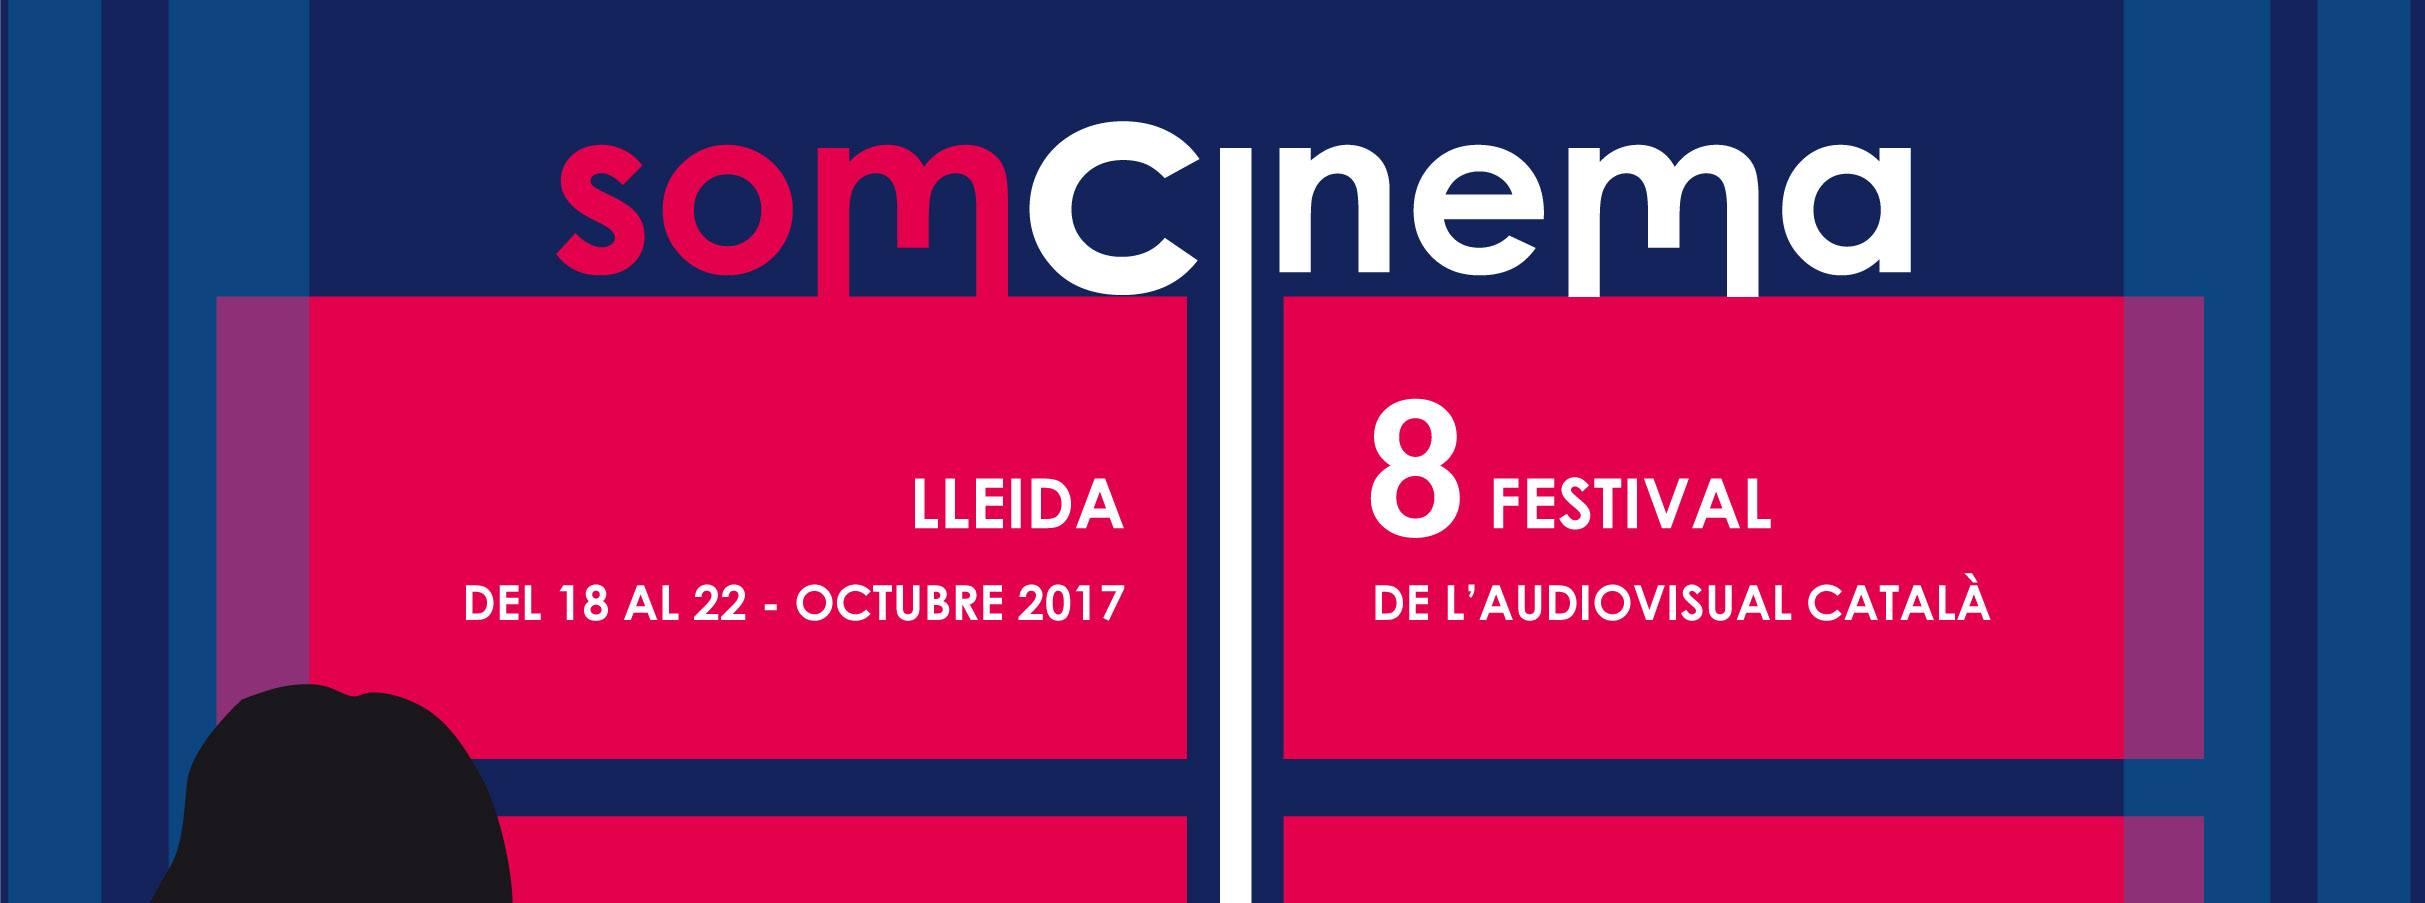 La 8a Edició De Som Cinema Presenta El Jurat De La Secció Oficial 2017